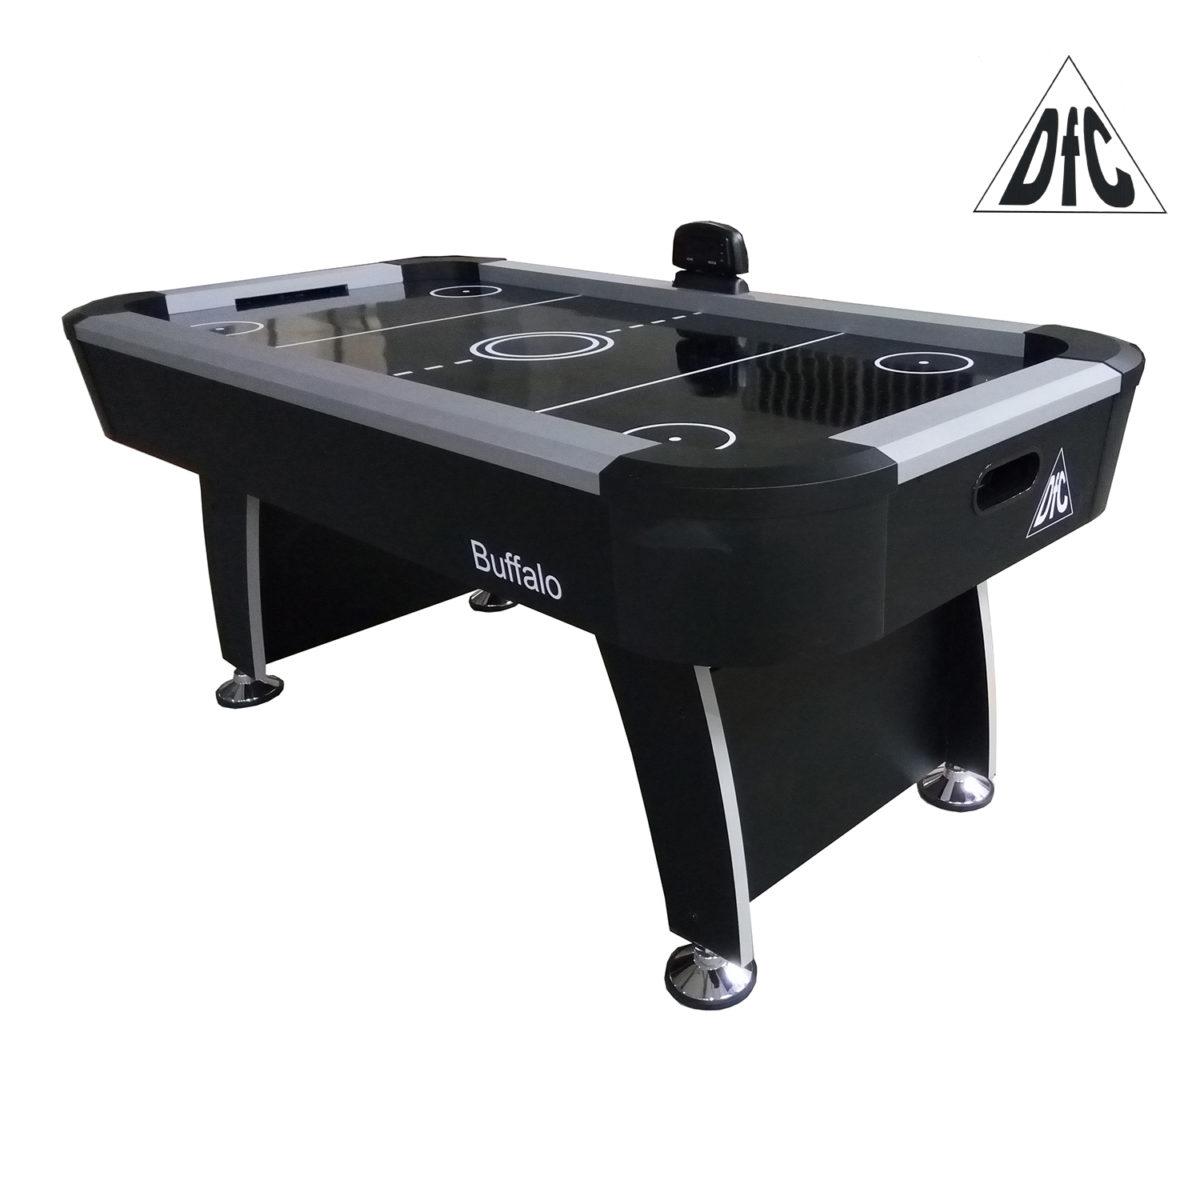 Игровой стол - аэрохоккей DFC BUFFALO-арт-DS-AT-10-